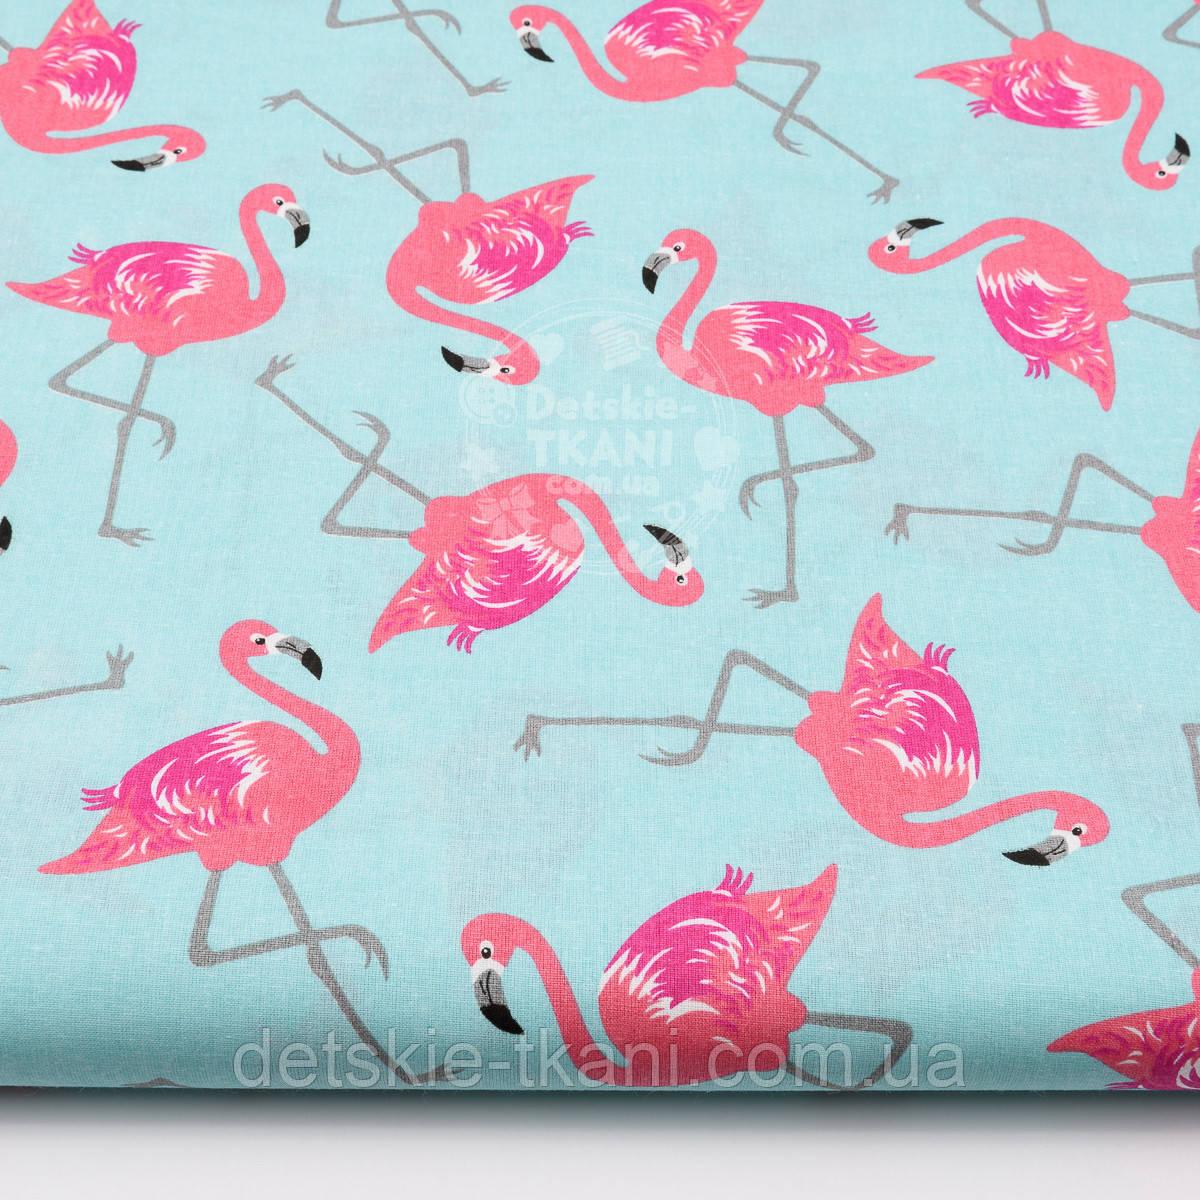 Ткань хлопковая с малиновым фламинго на мятном фоне (№ 1477)